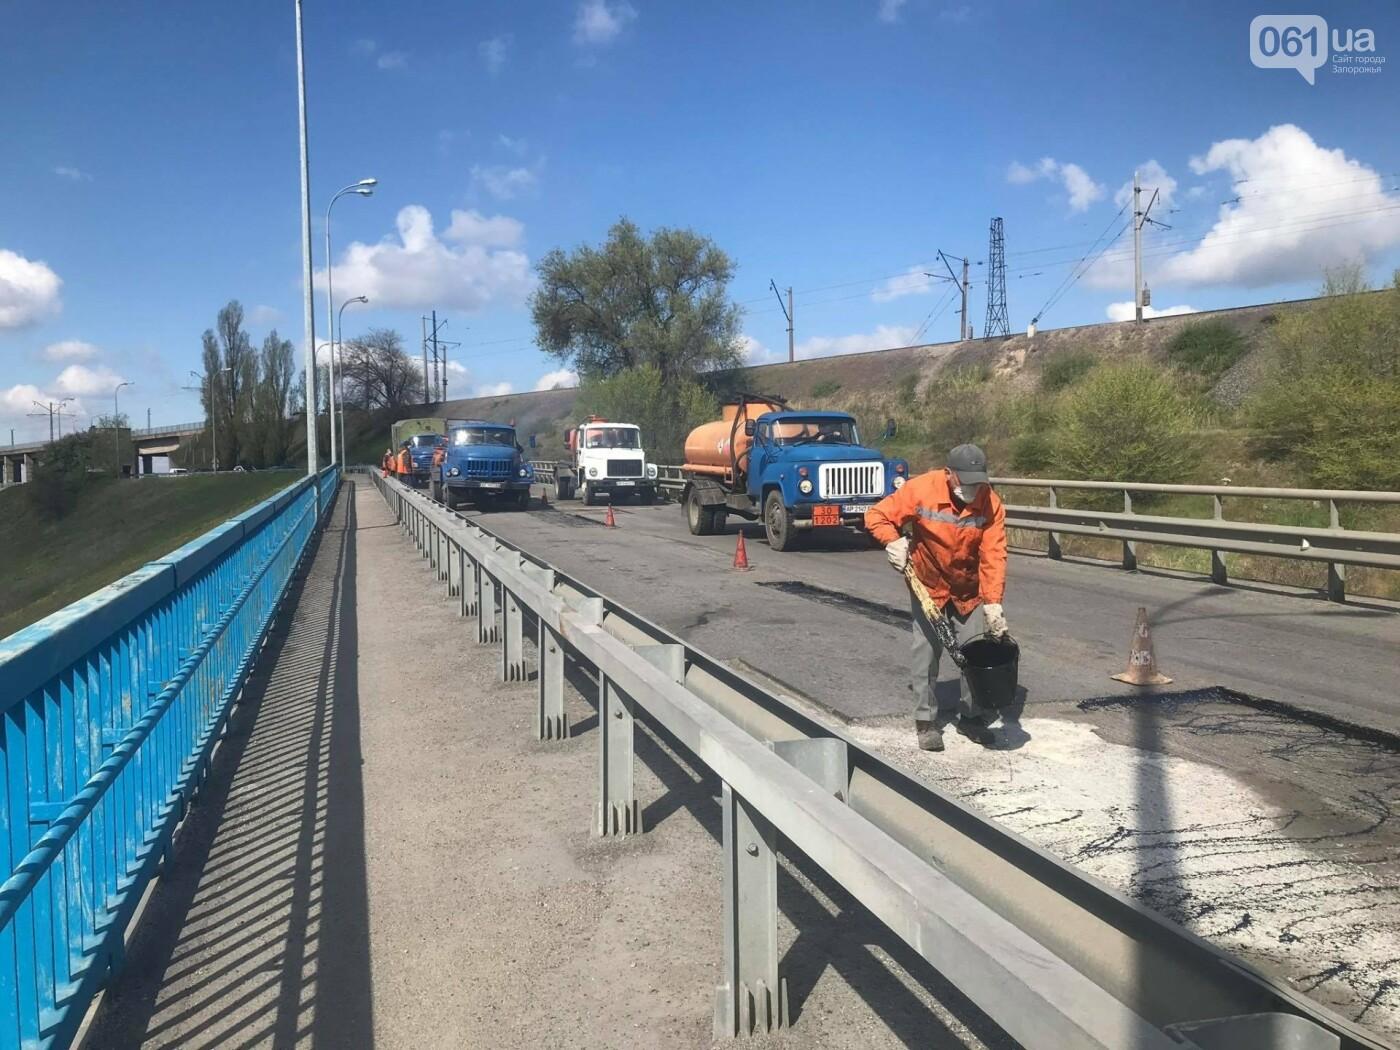 В Запорожье начали ремонт быков плотины ДнепроГЭС и съезда с моста Преображенского, фото-2